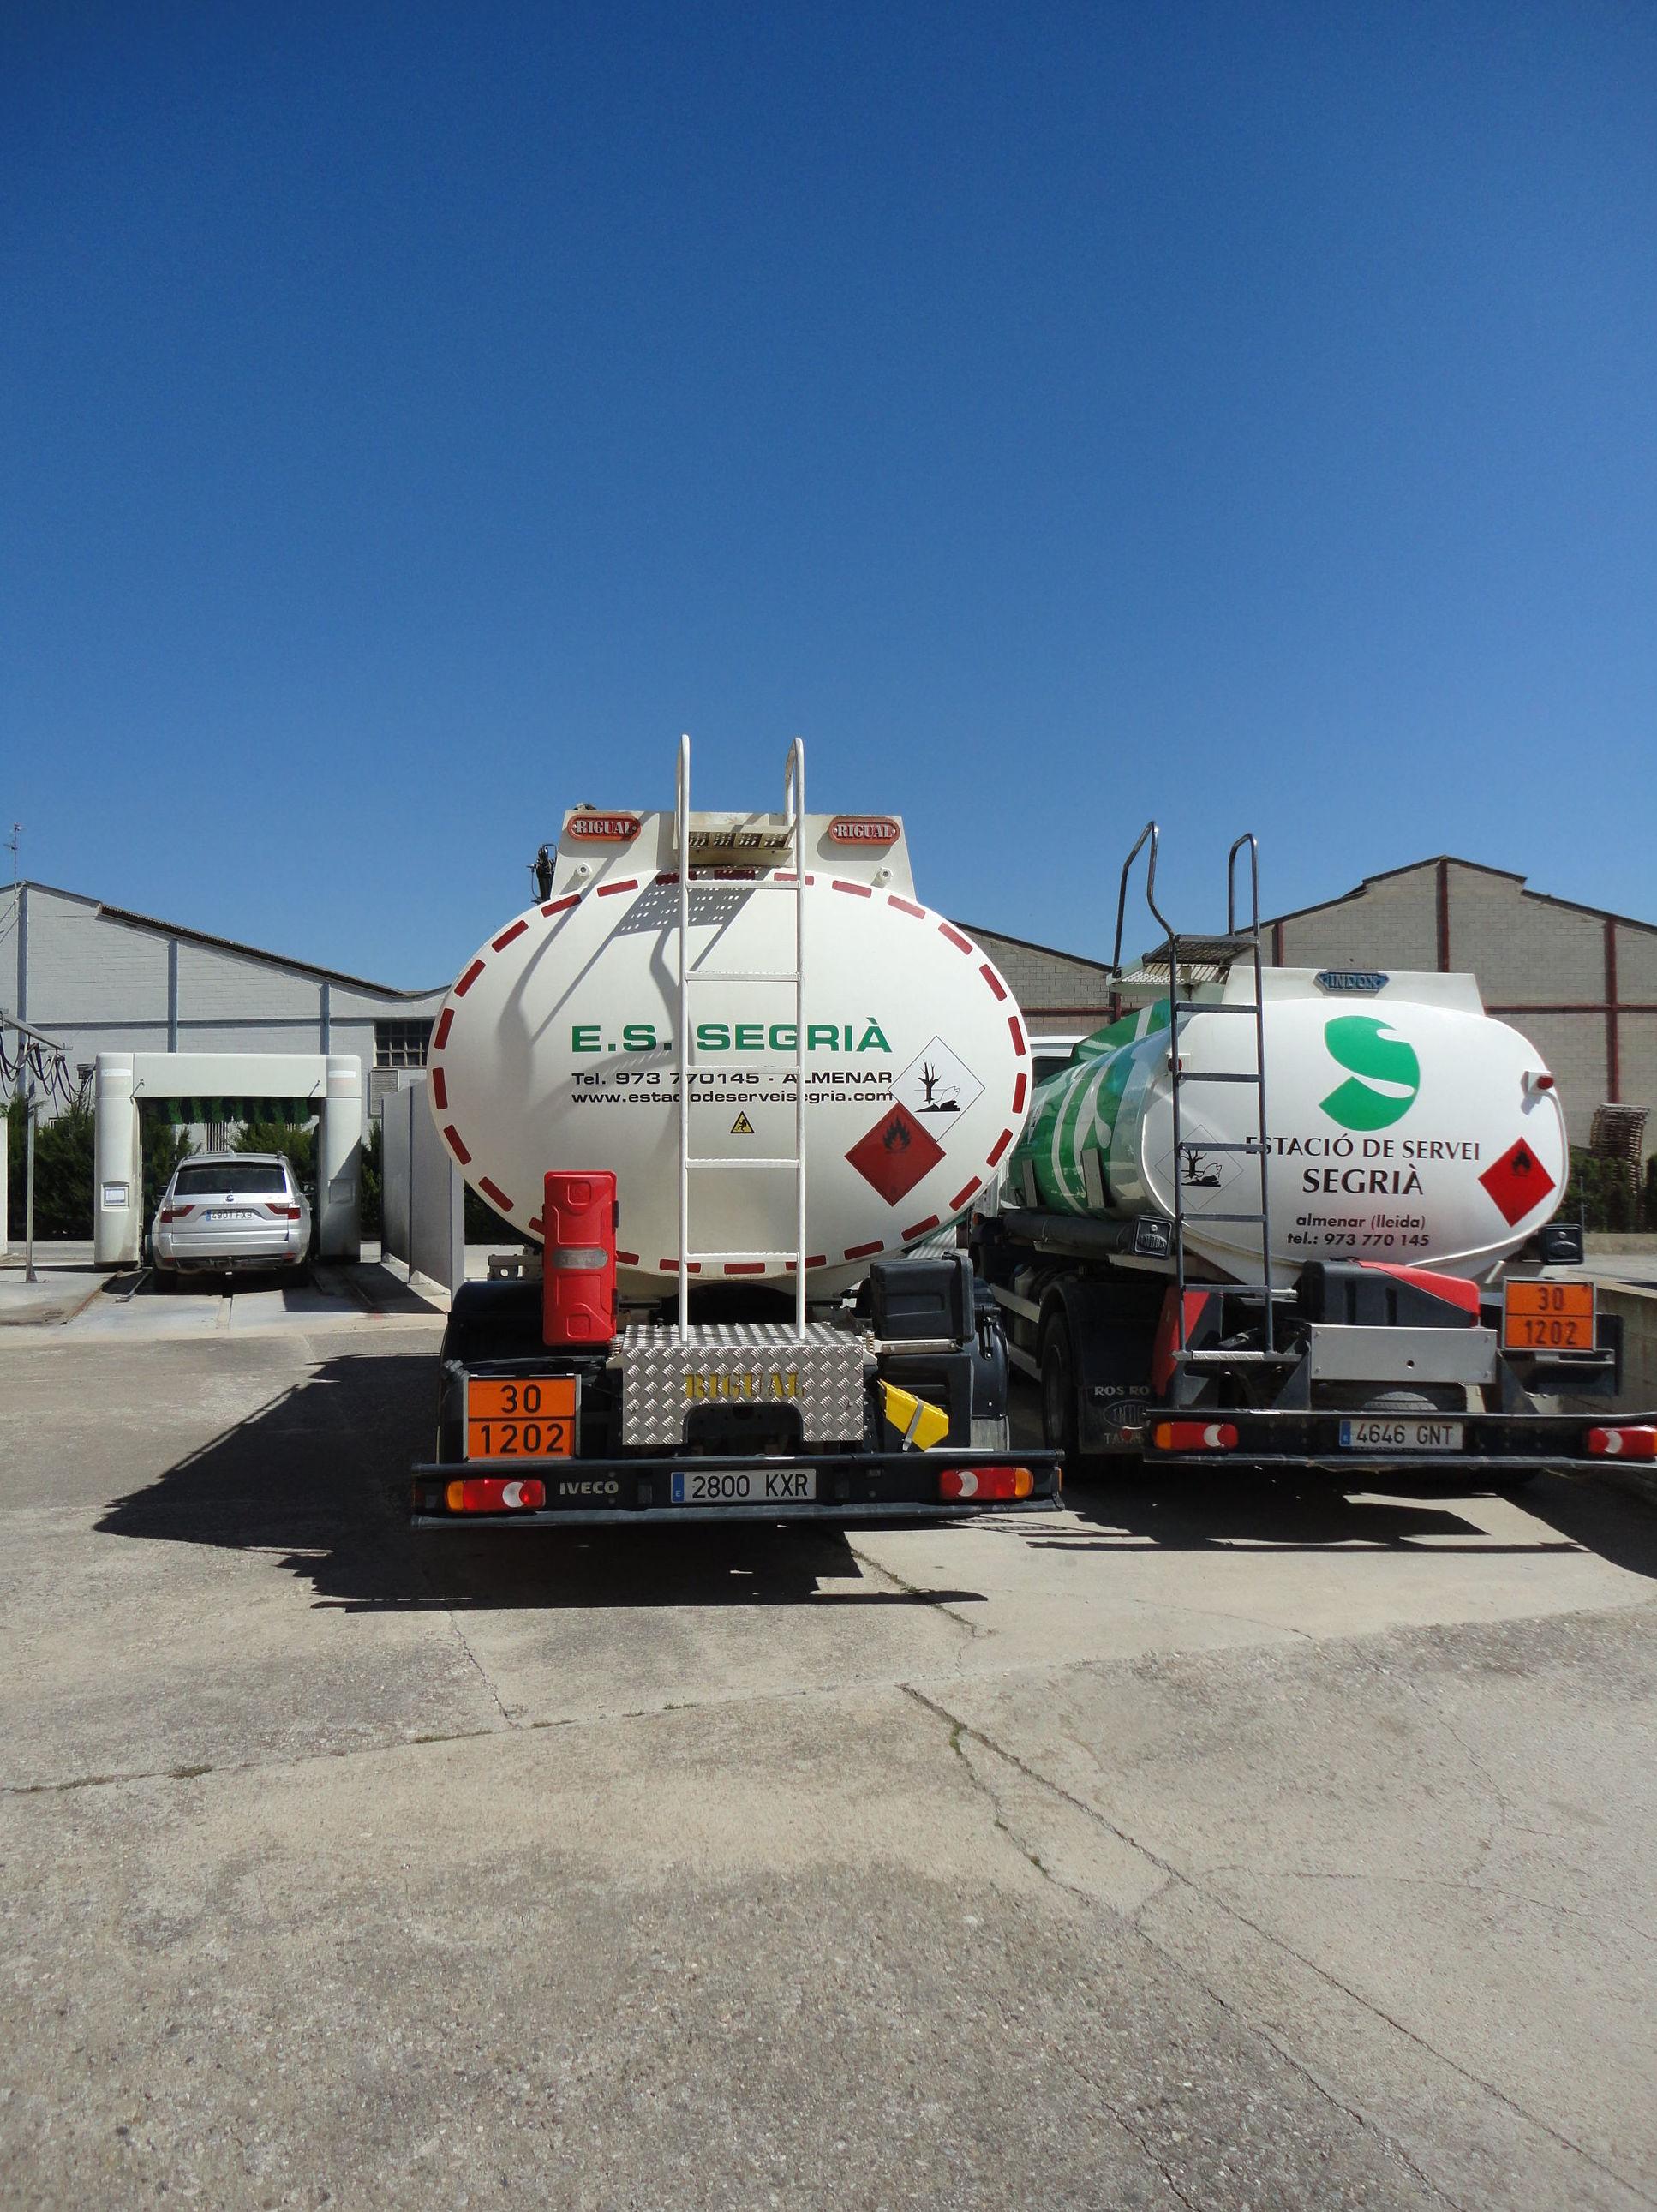 Foto 8 de Gasóleo en Almenar   Estació de Servei Segrià